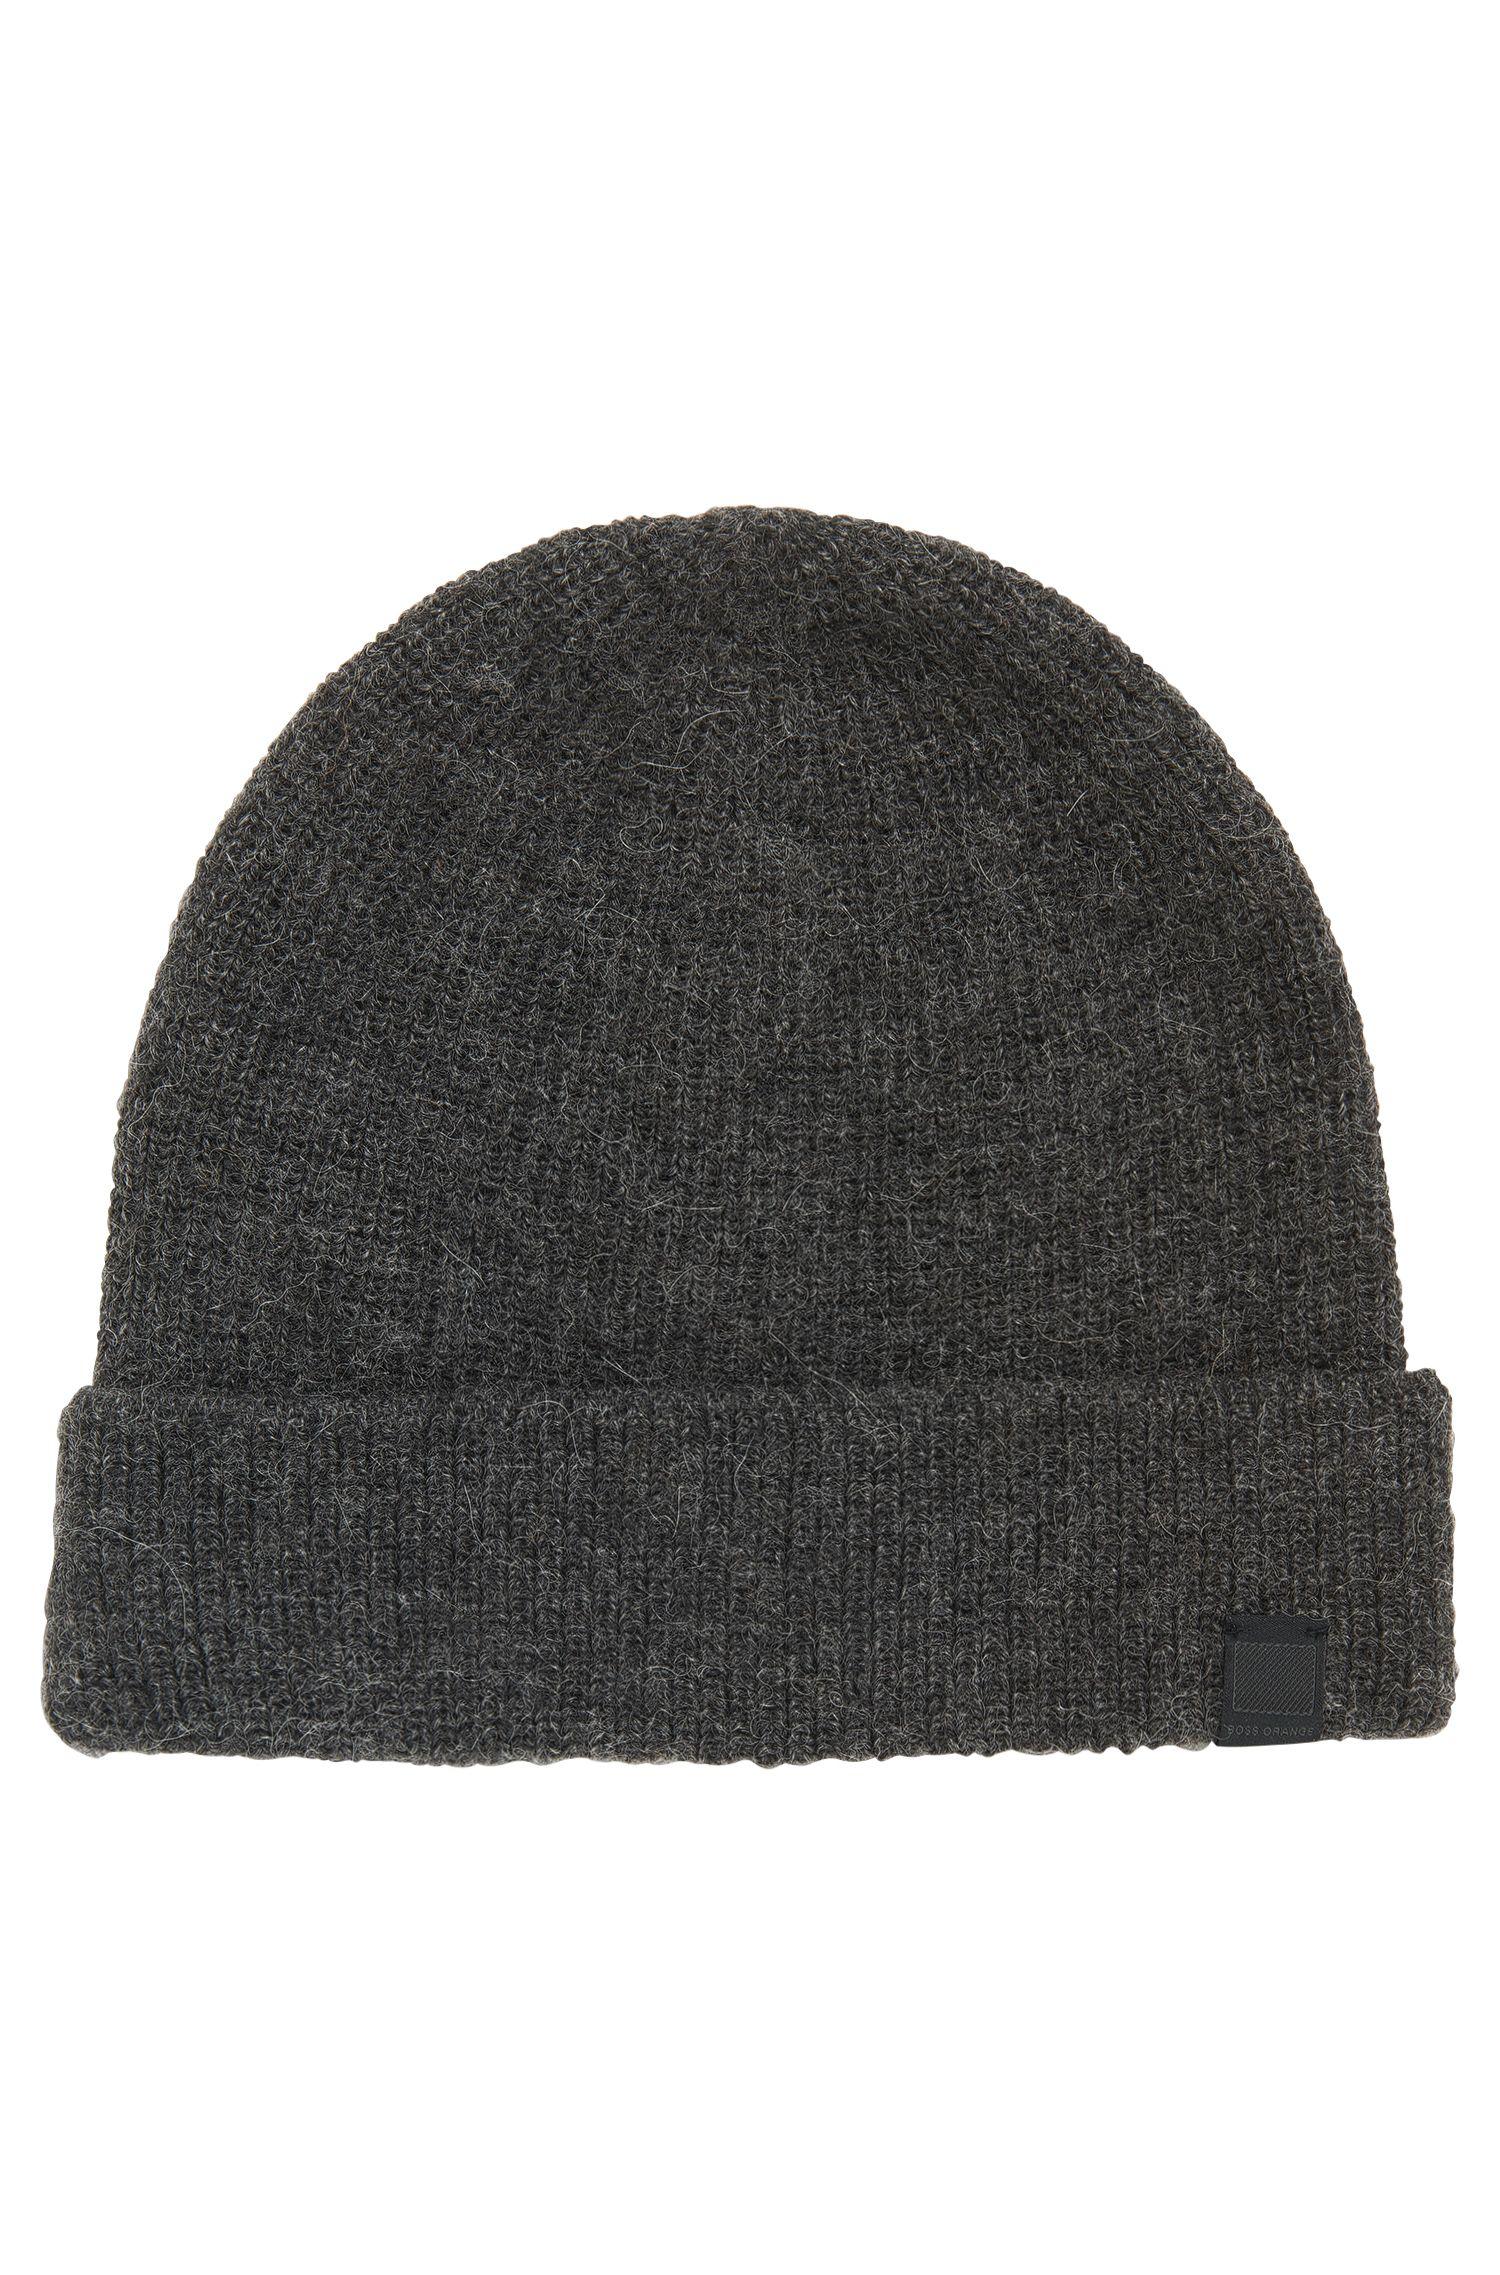 Mütze aus Alpakawolle